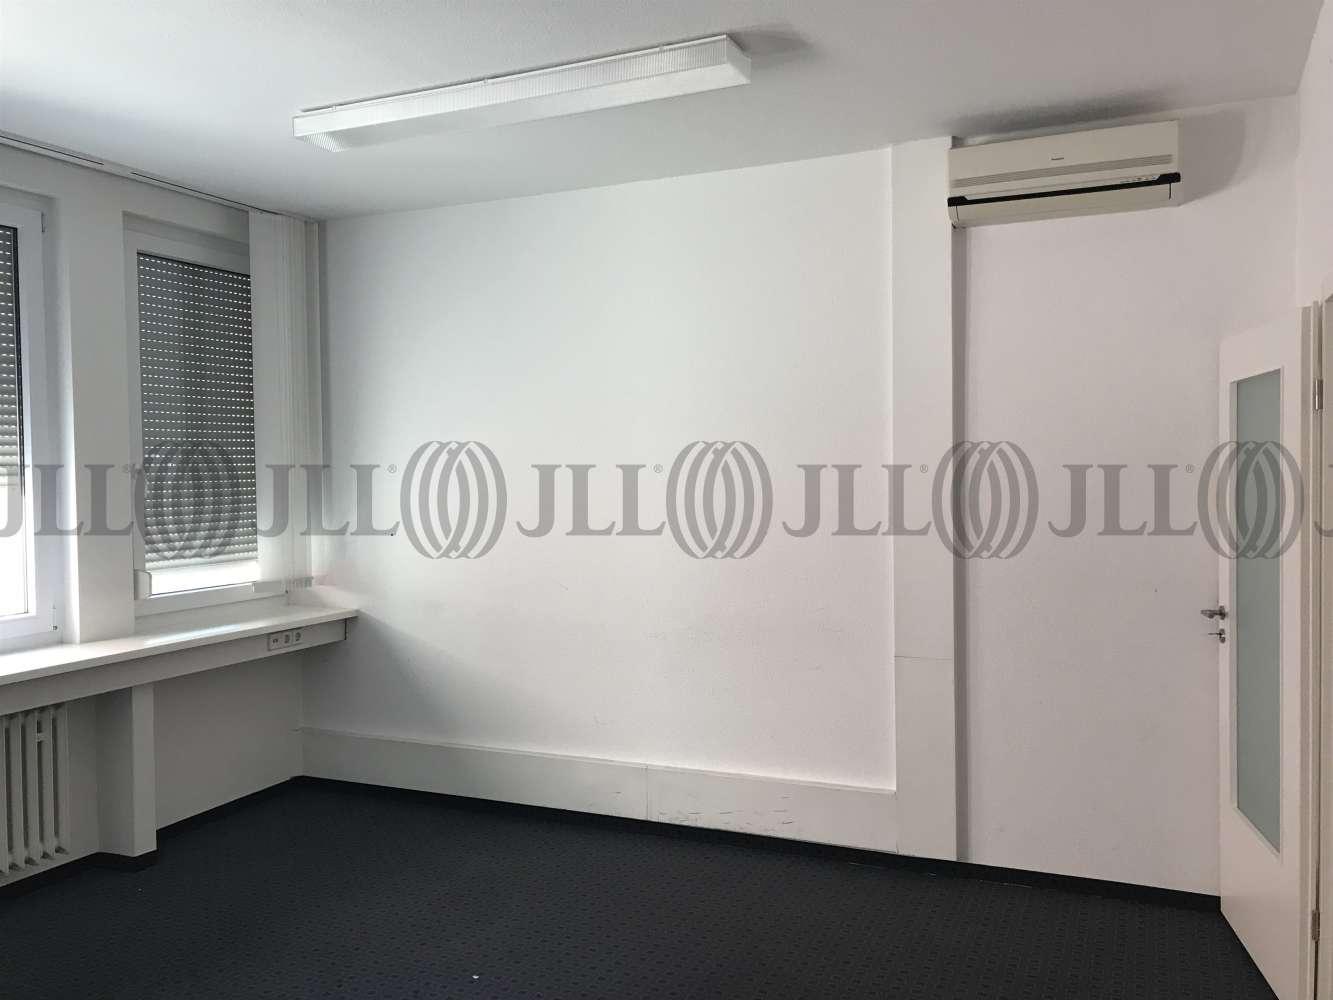 Büros Stuttgart, 70173 - Büro - Stuttgart - S0524 - 10498955